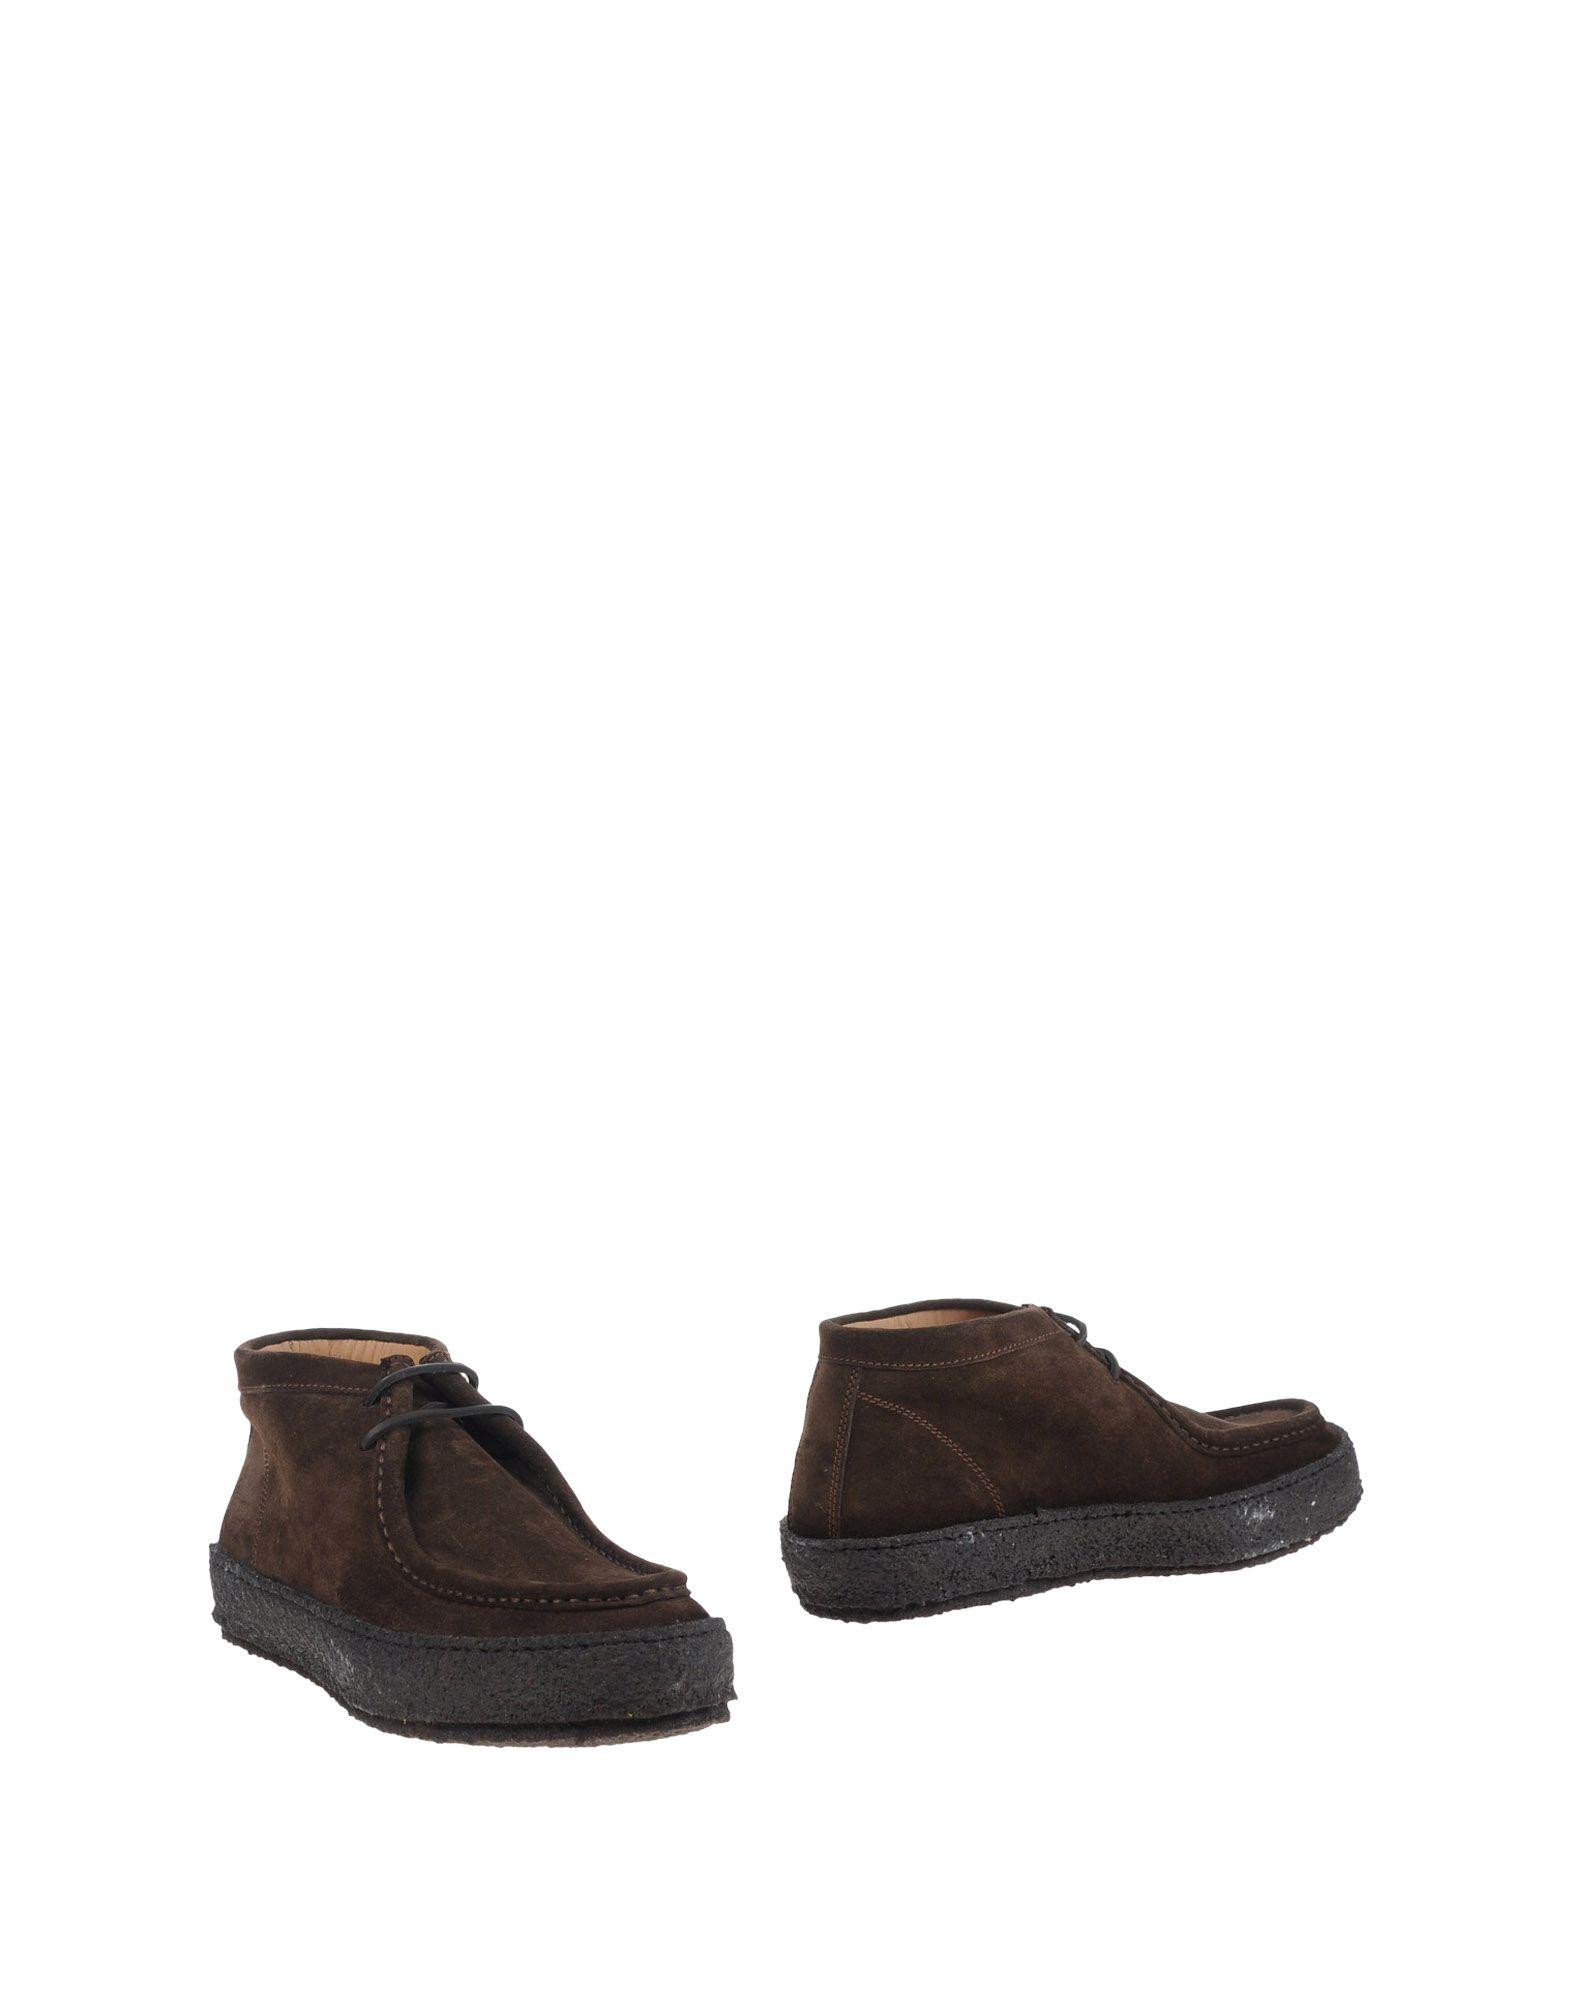 Pantofola D'oro Stiefelette Herren beliebte  11041510KF Gute Qualität beliebte Herren Schuhe 776b98